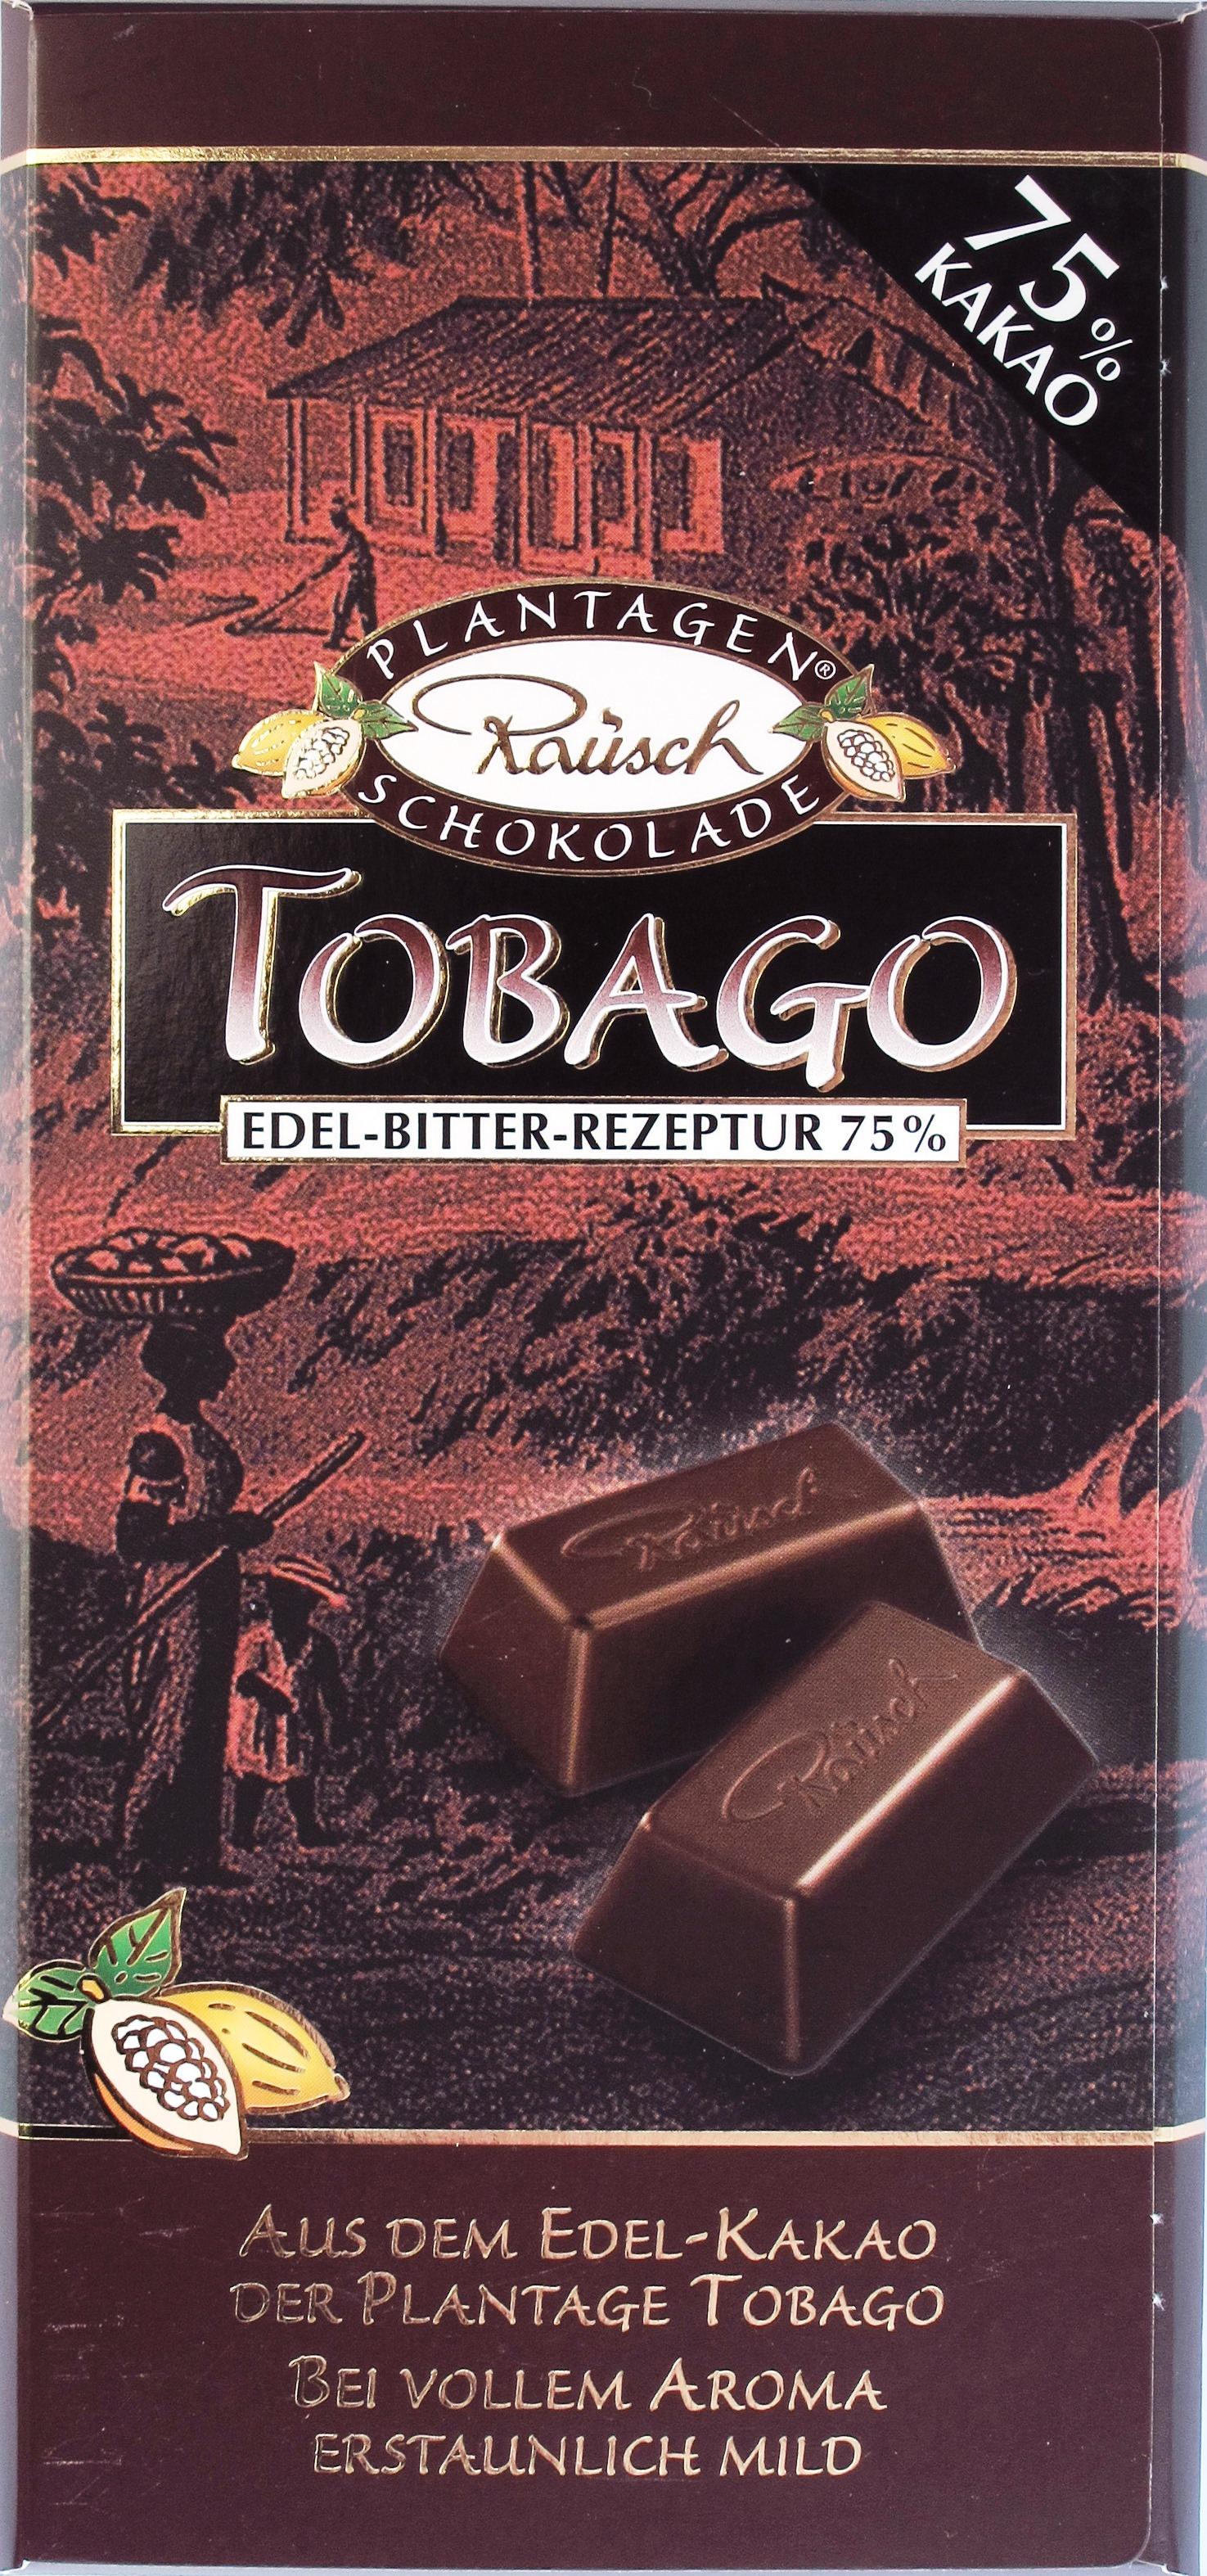 Rausch Tobago 75%